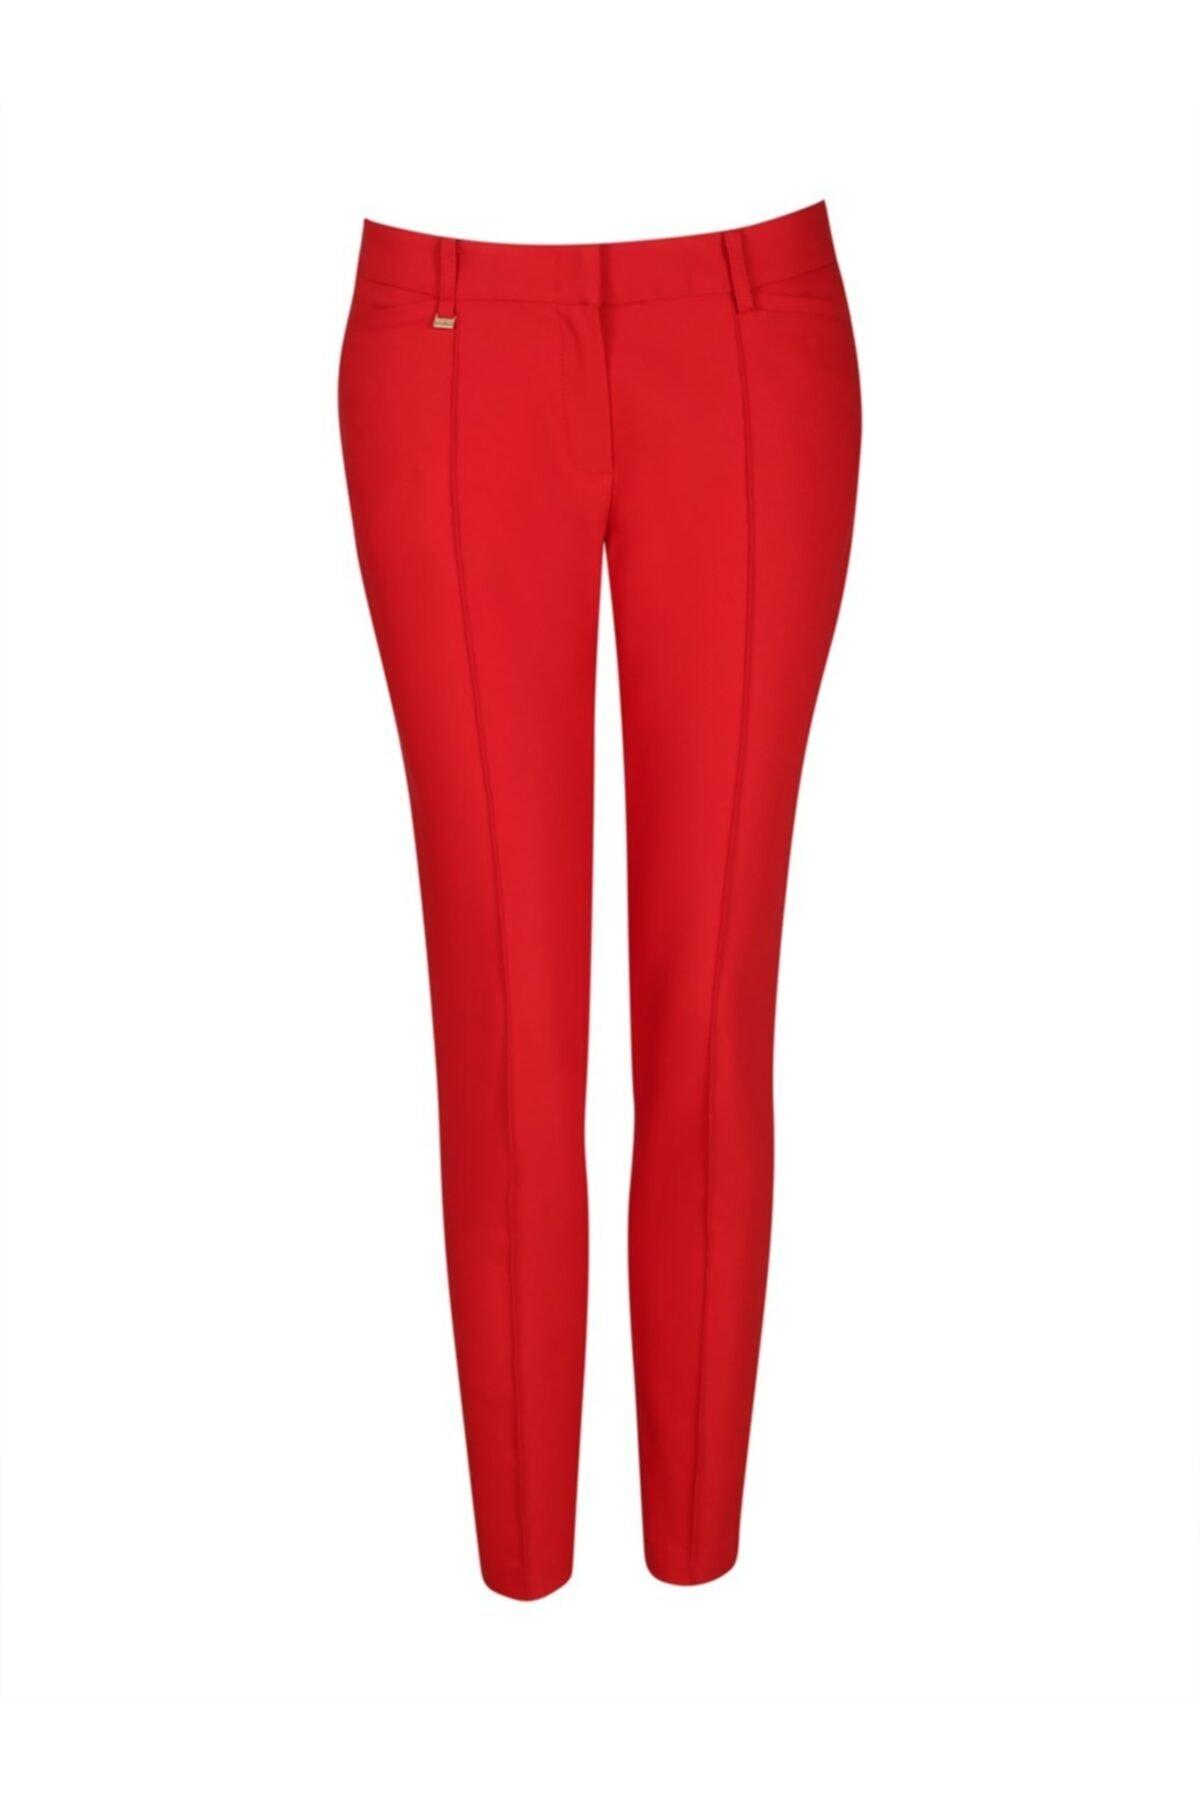 Chima Kadın Kırmızı Z Cep Pantolon 2